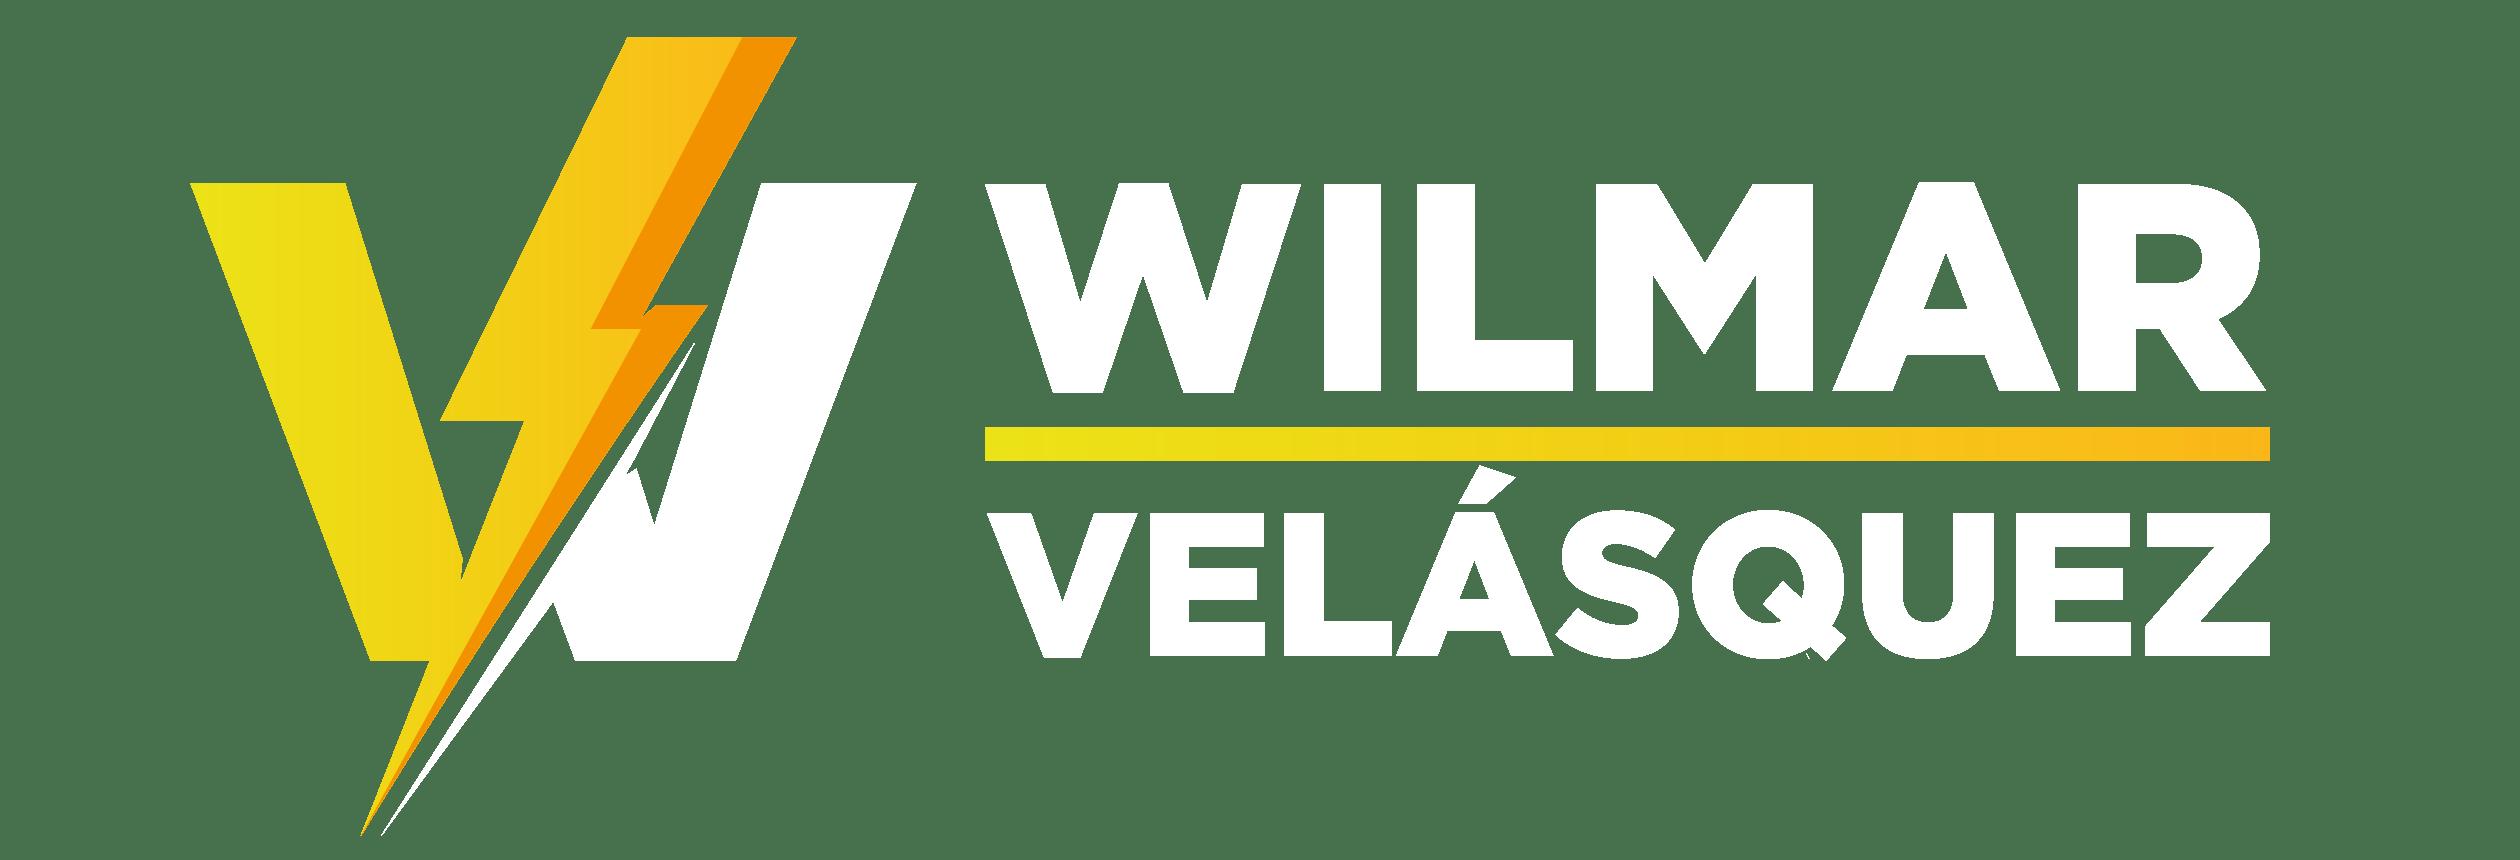 Wilmar Velasquez